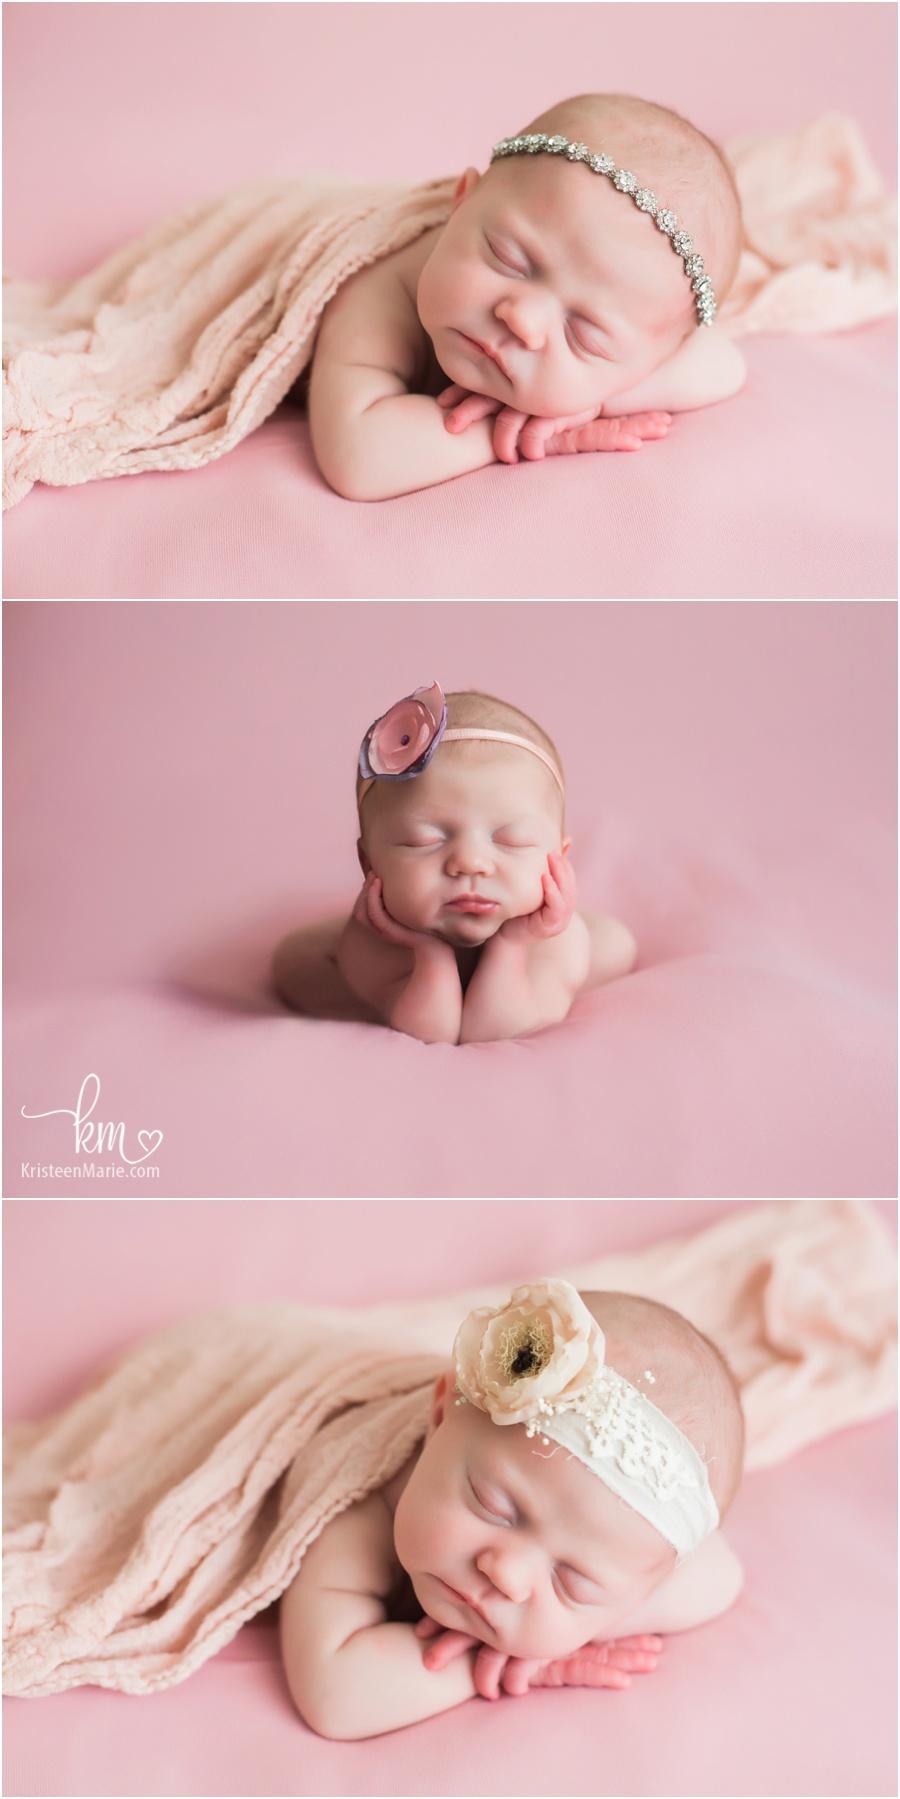 ایده عکاسی از نوزاد